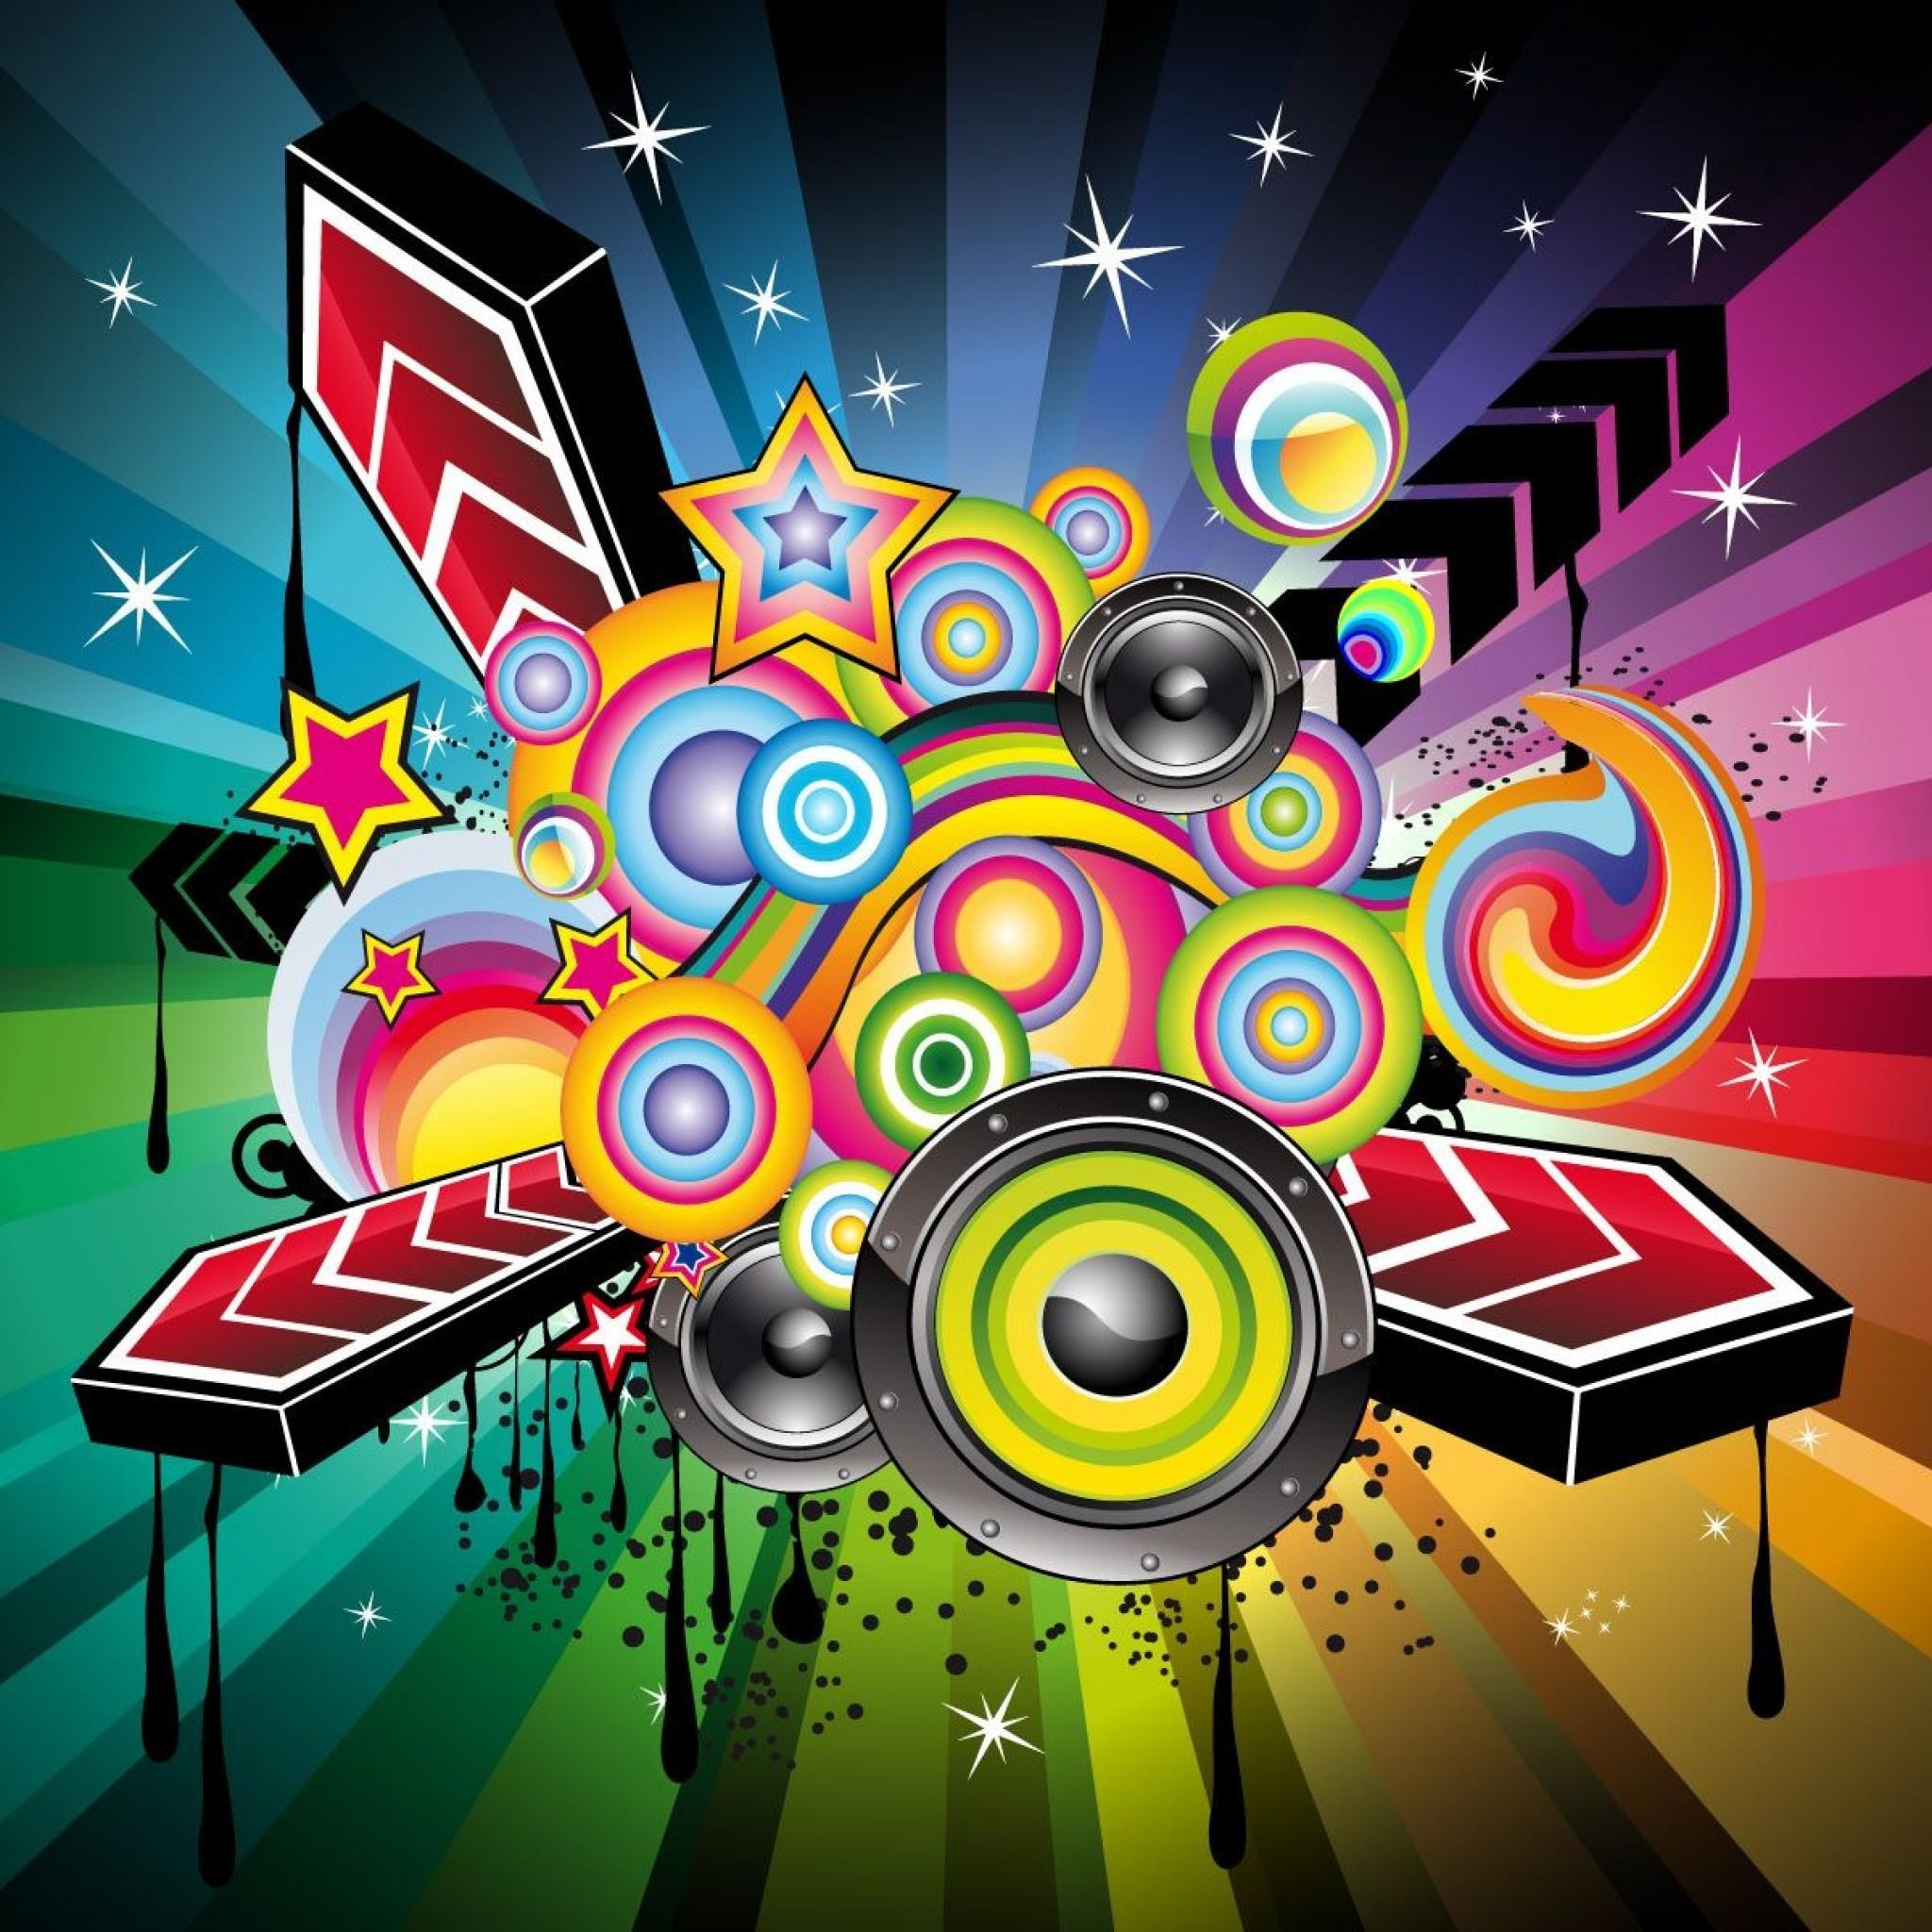 Graffiti art wallpaper iphone - Graffiti Wallpaper Iphone 6332 Hd Wallpapers Wallpapers Hd Desktop